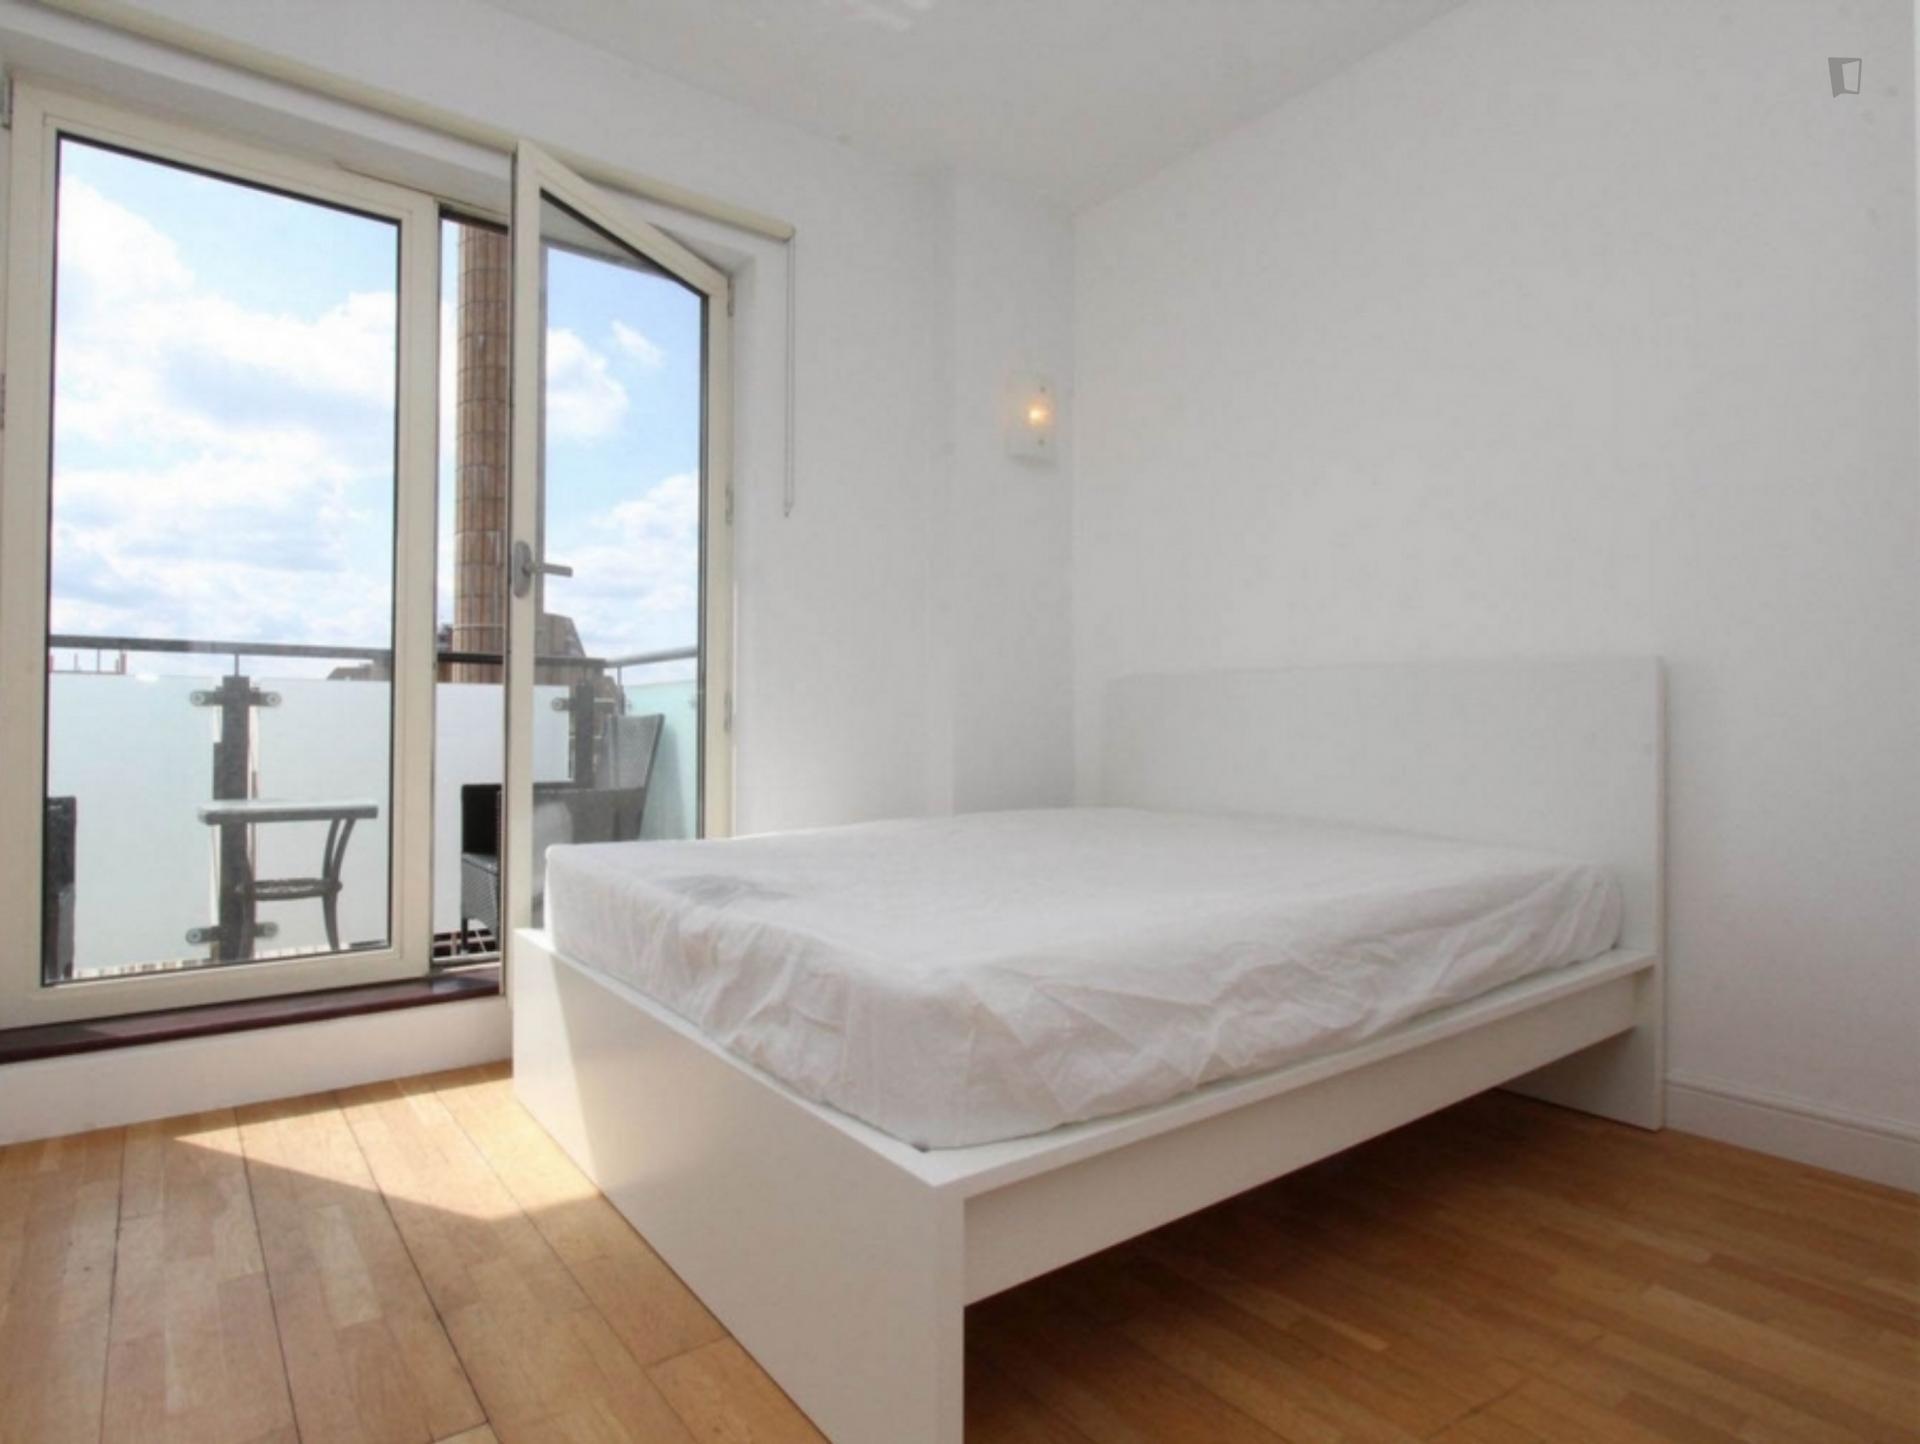 Katharine - Habitación con balcón en Londres